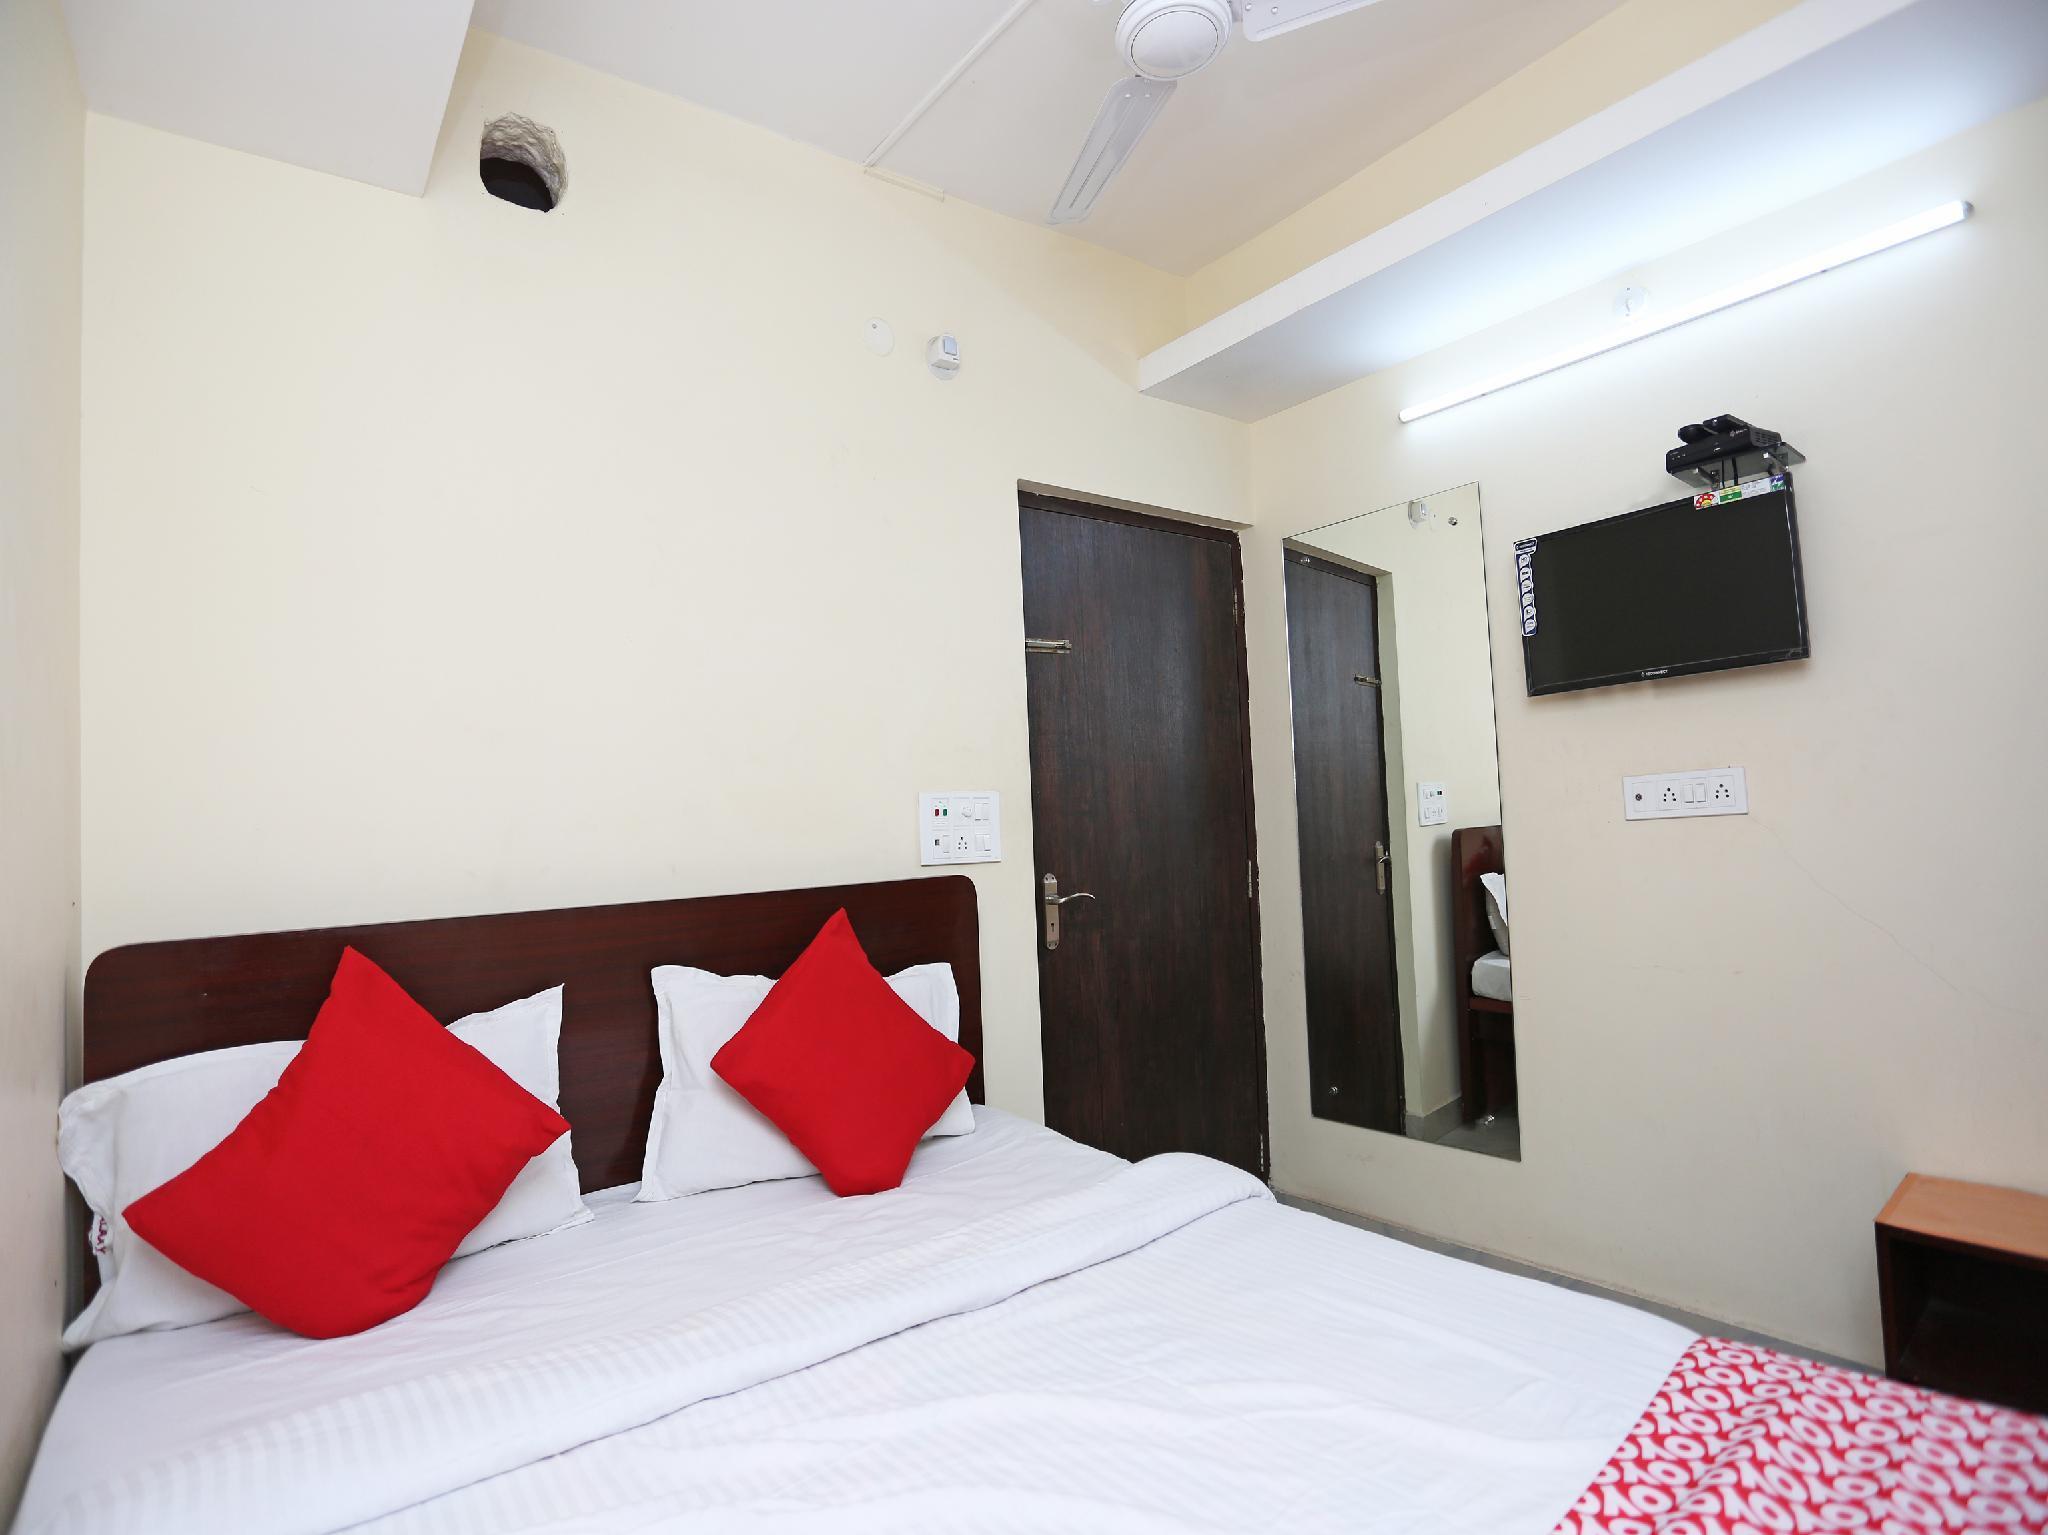 OYO 24970 HOTEL GALAXY INN